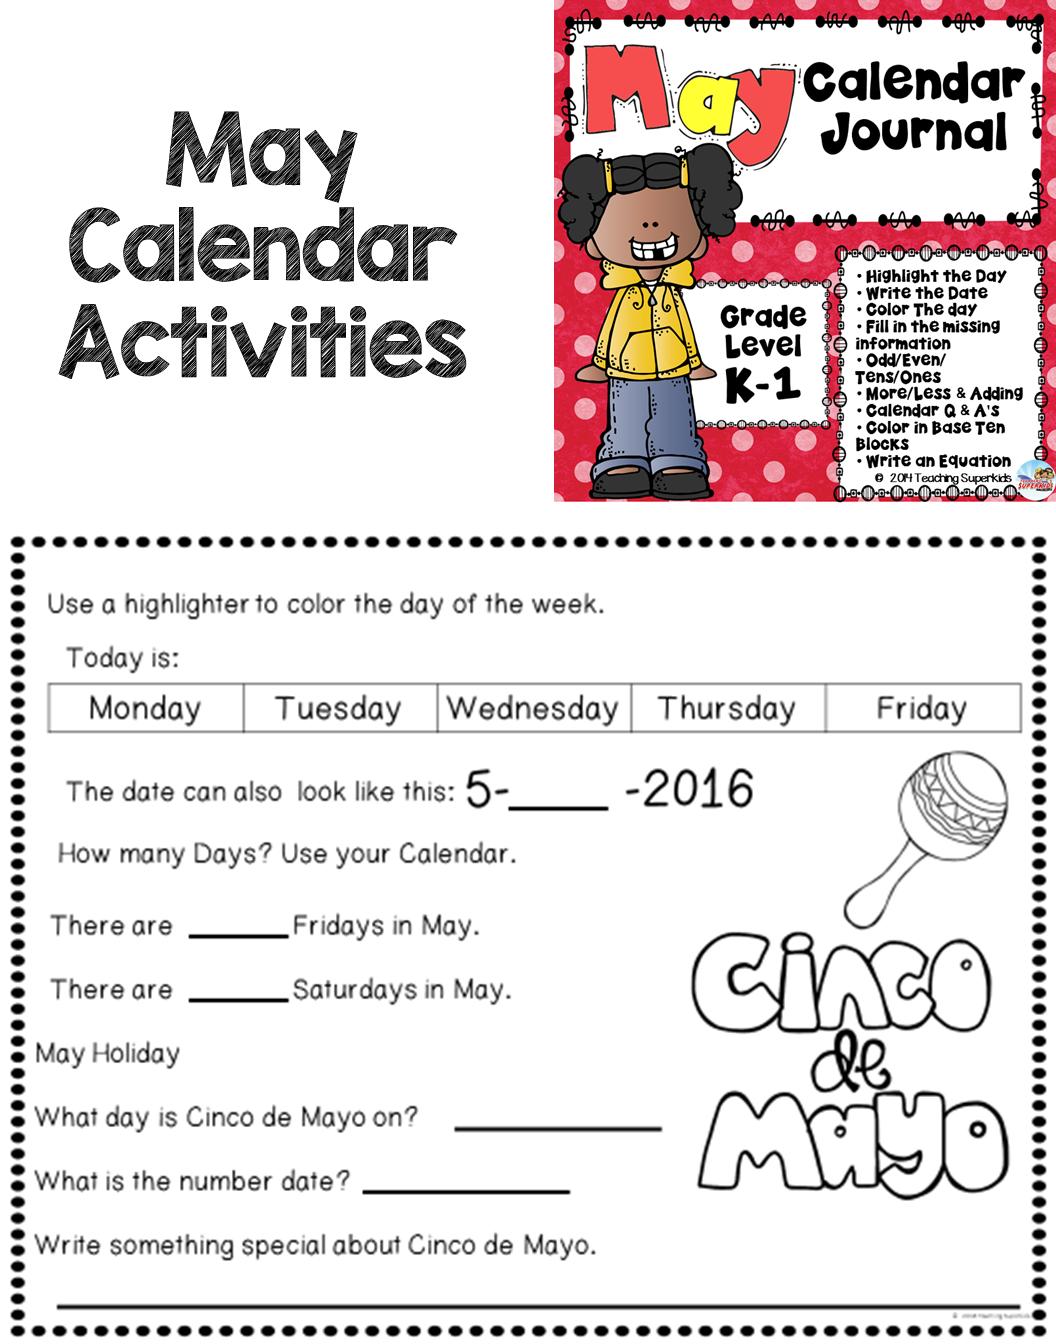 Math Meeting May Calendar Activities | Pinterest | Calendar ...